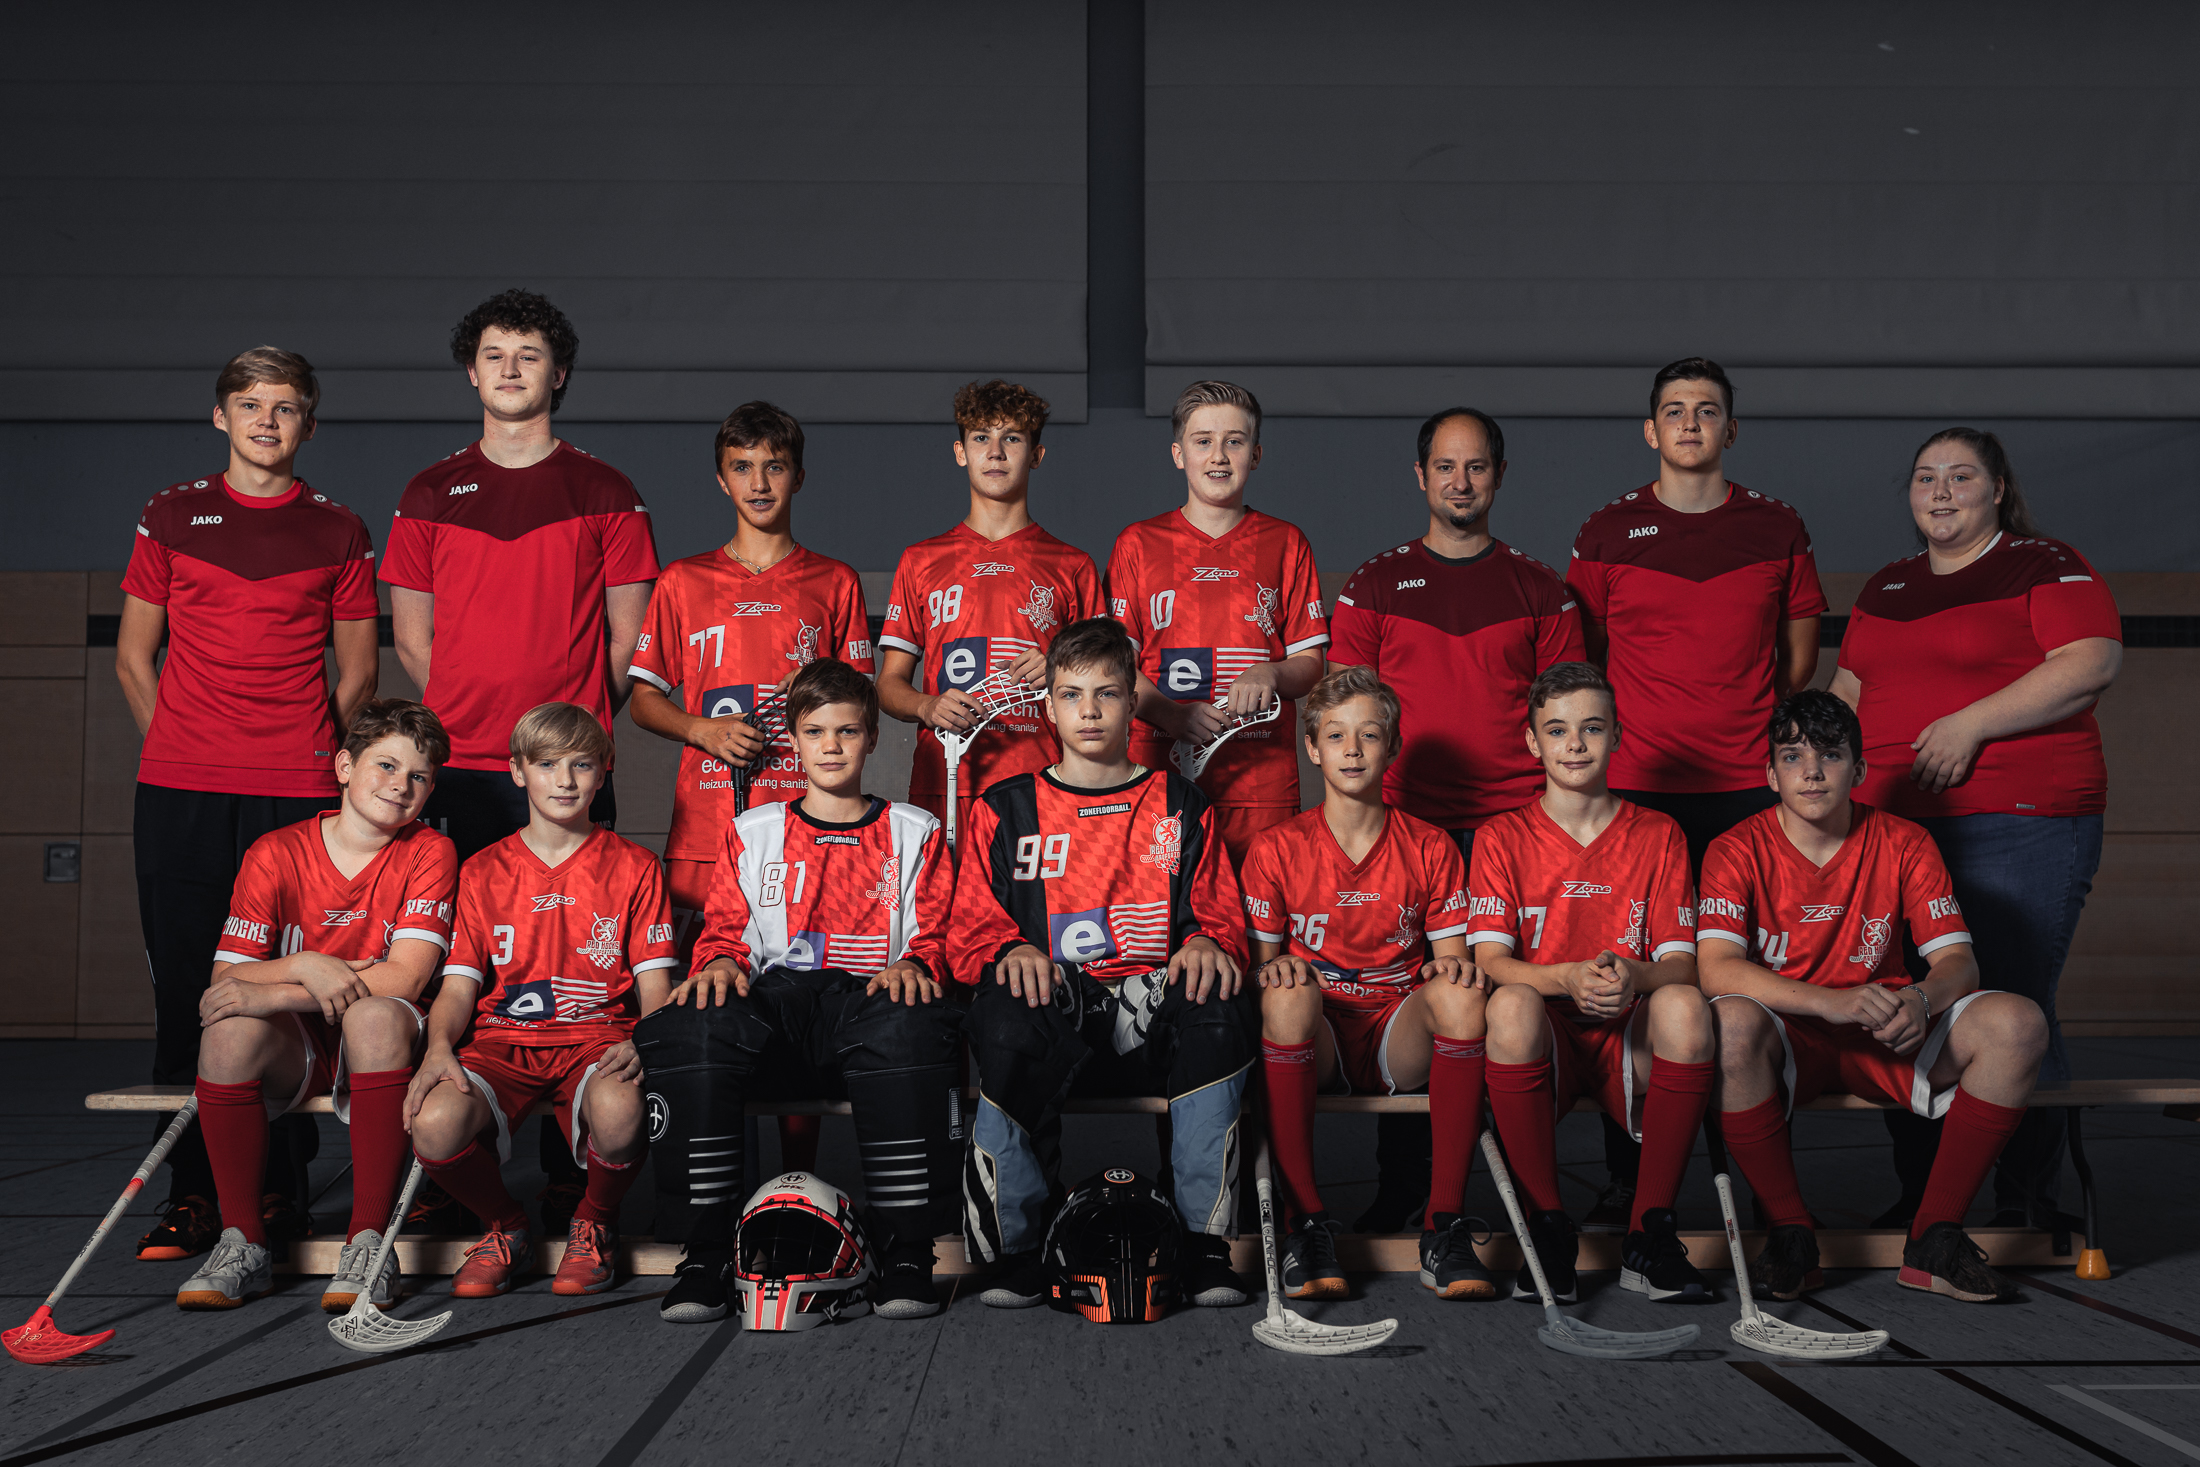 U15 der Saison 2020/21